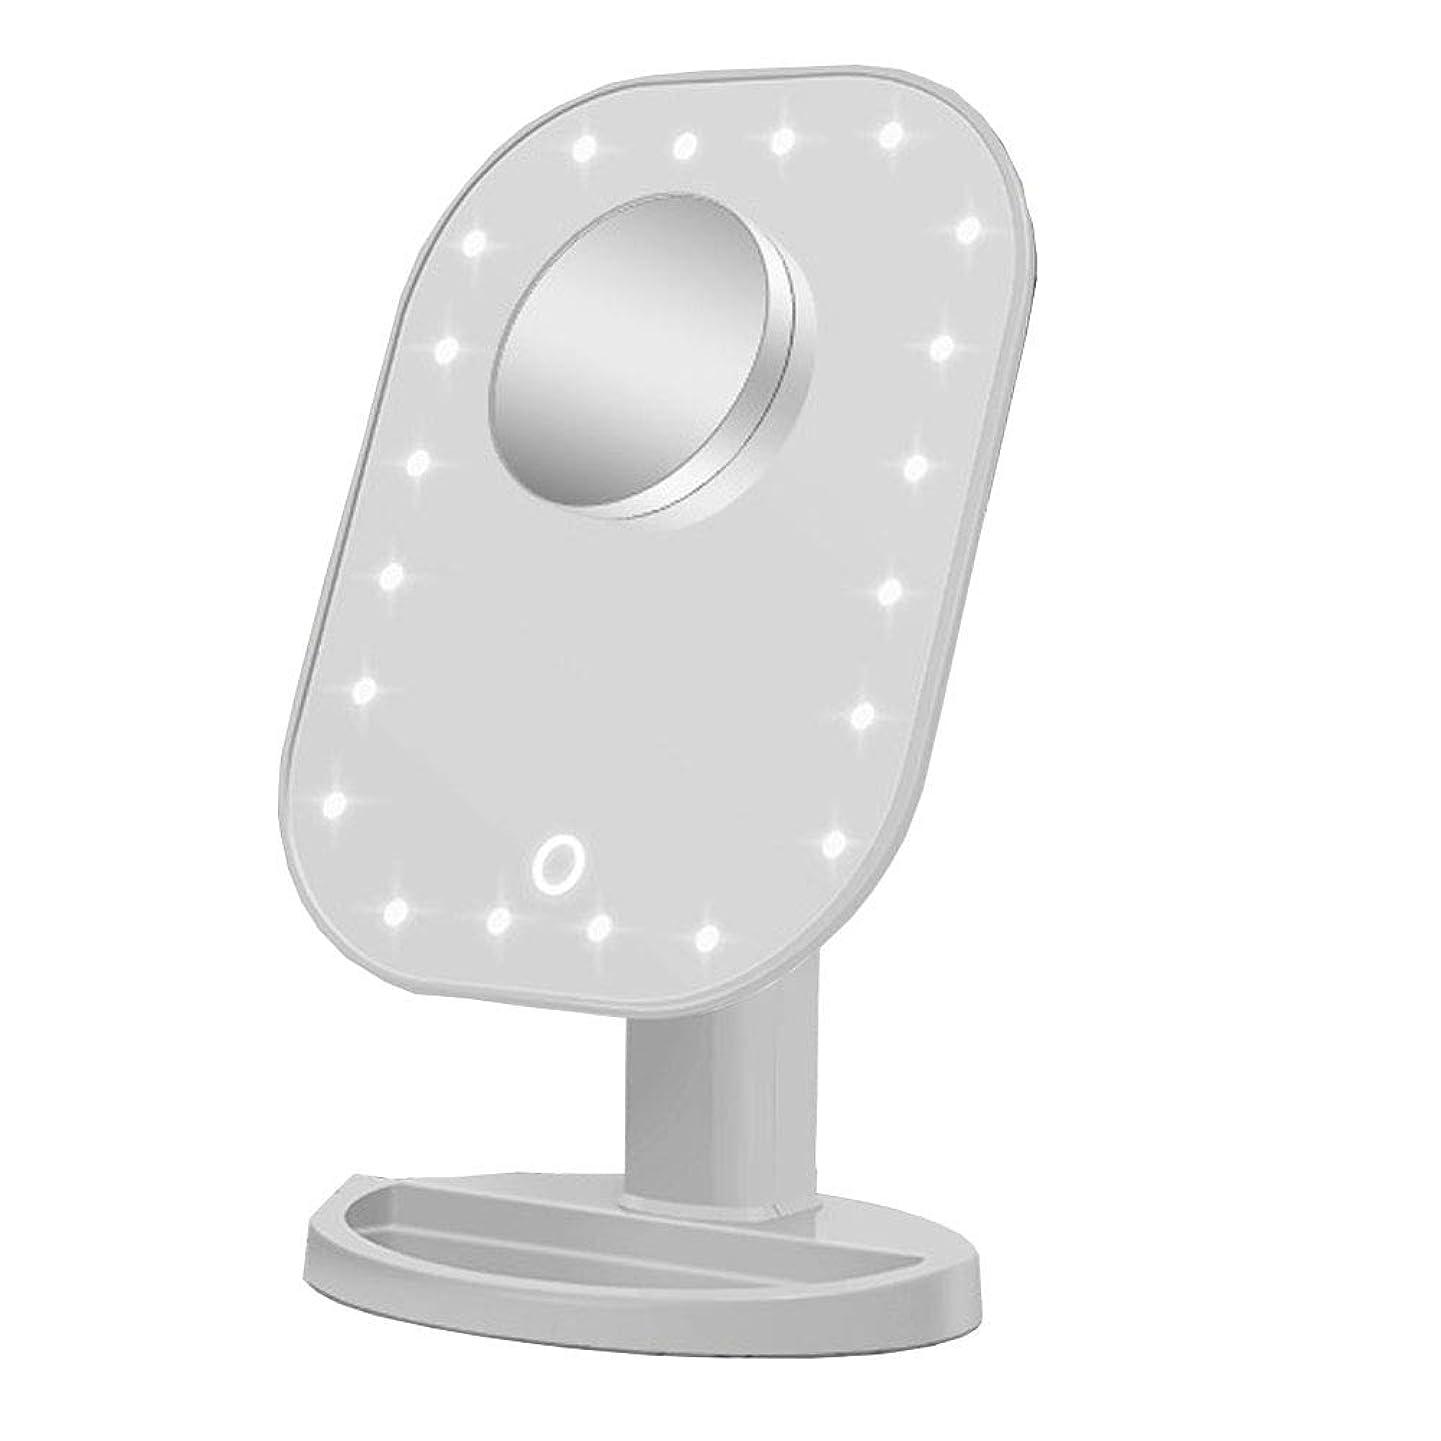 クローンキルス実際USB LEDメイクアップミラー、1倍/ 10倍の倍率のタッチセンサー式メイクアップミラー、180°回転美容ミラー、ホームデスクトップのバスルームのシャワーギフトに最適 (ホワイト)